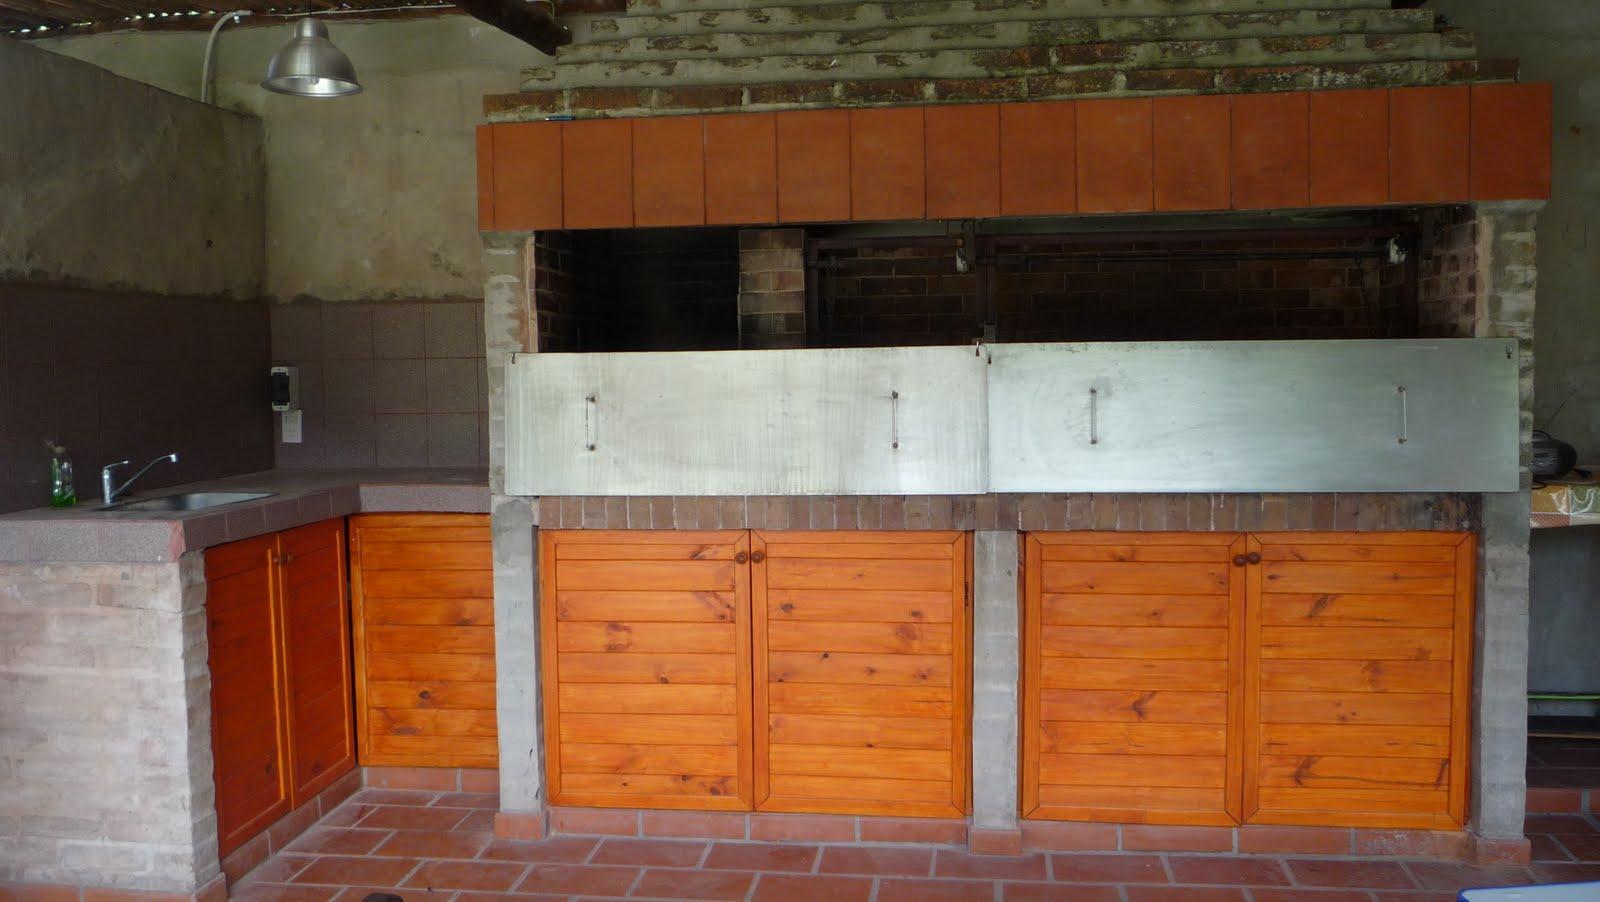 Diego lasso maderas puertas de parrilla y bajo mesada for Parrilla para la casa